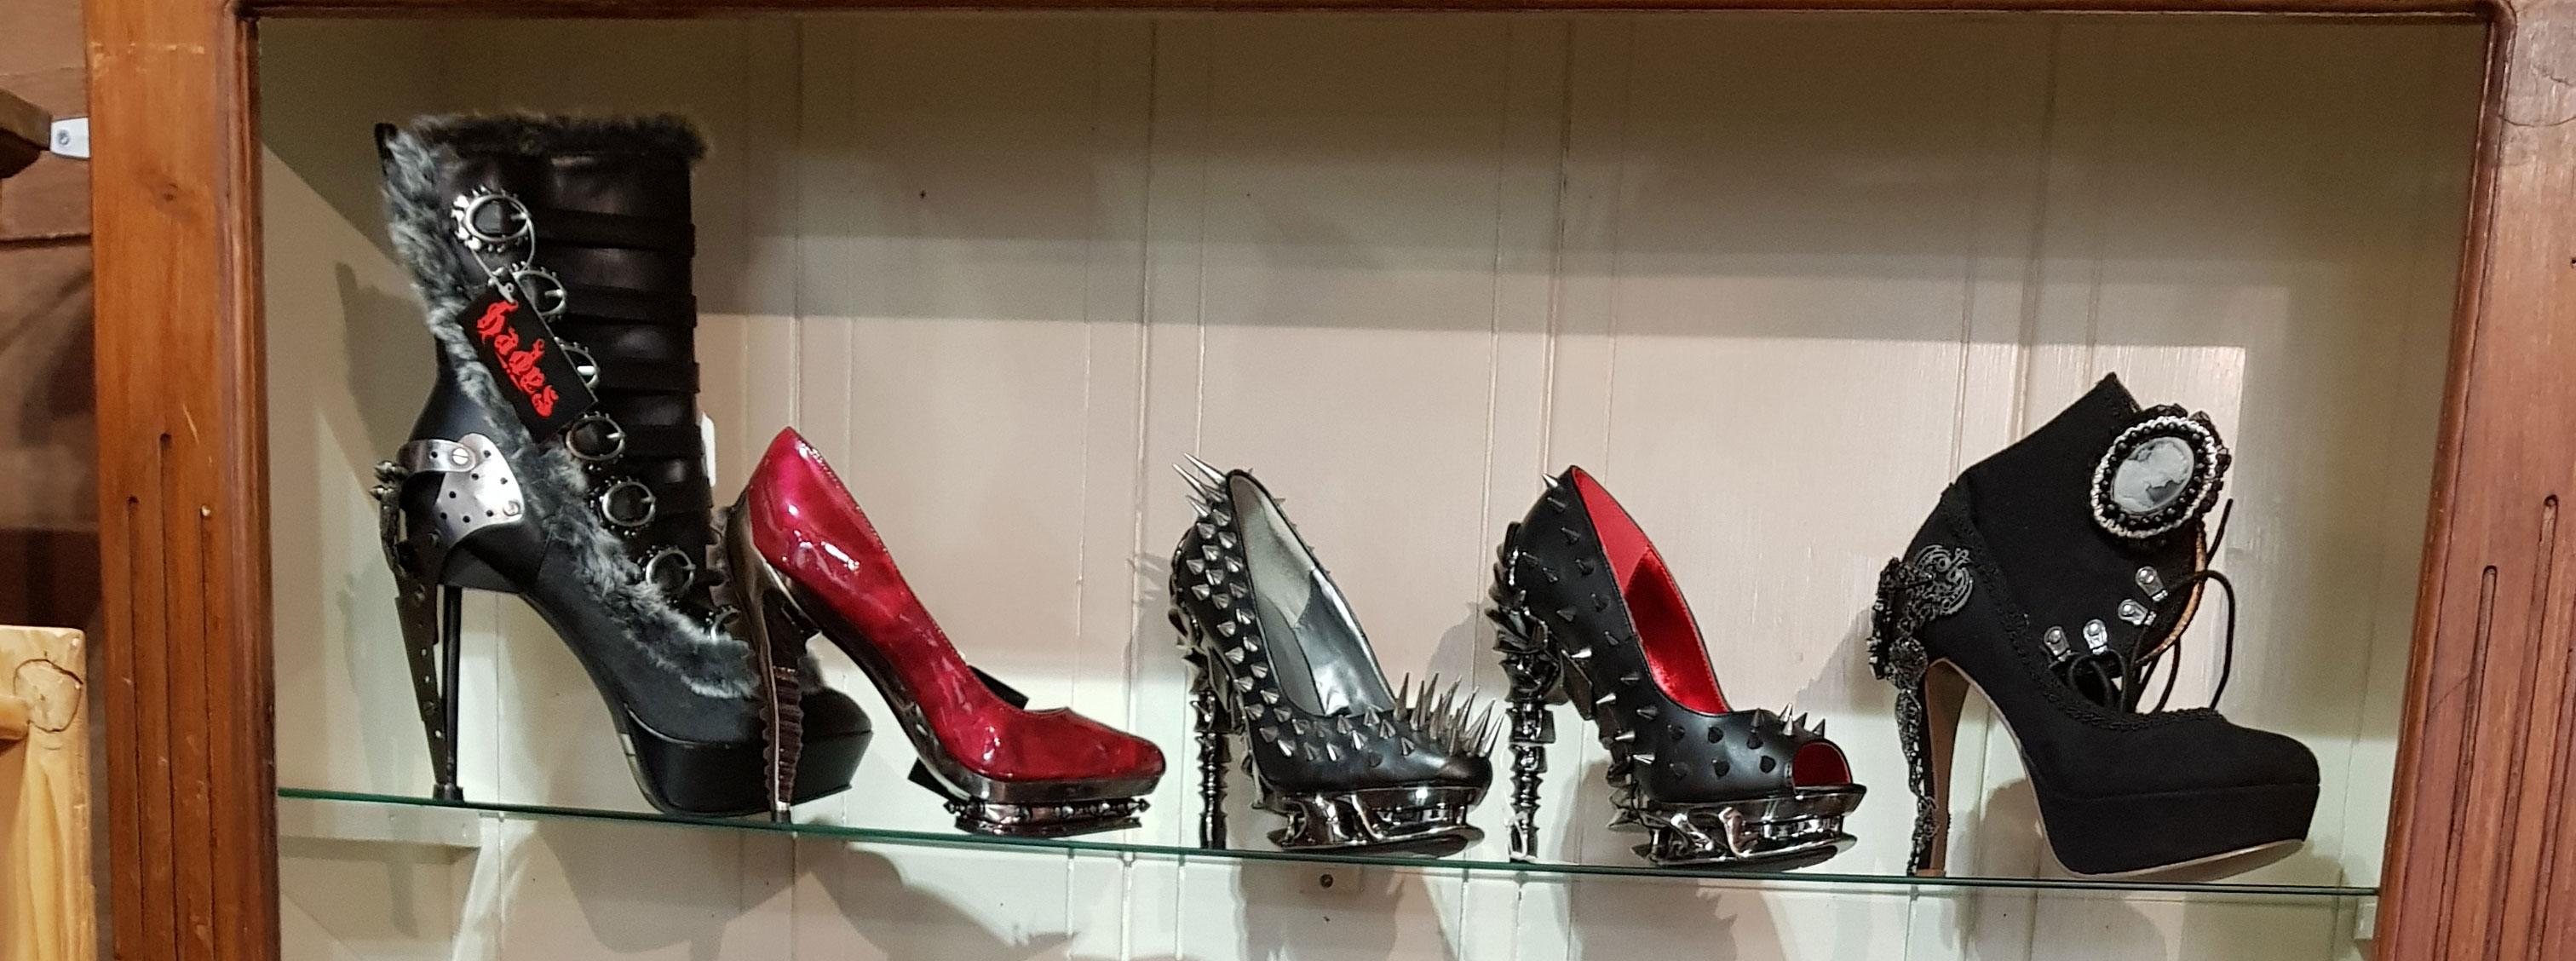 Hades-Shoes.jpg